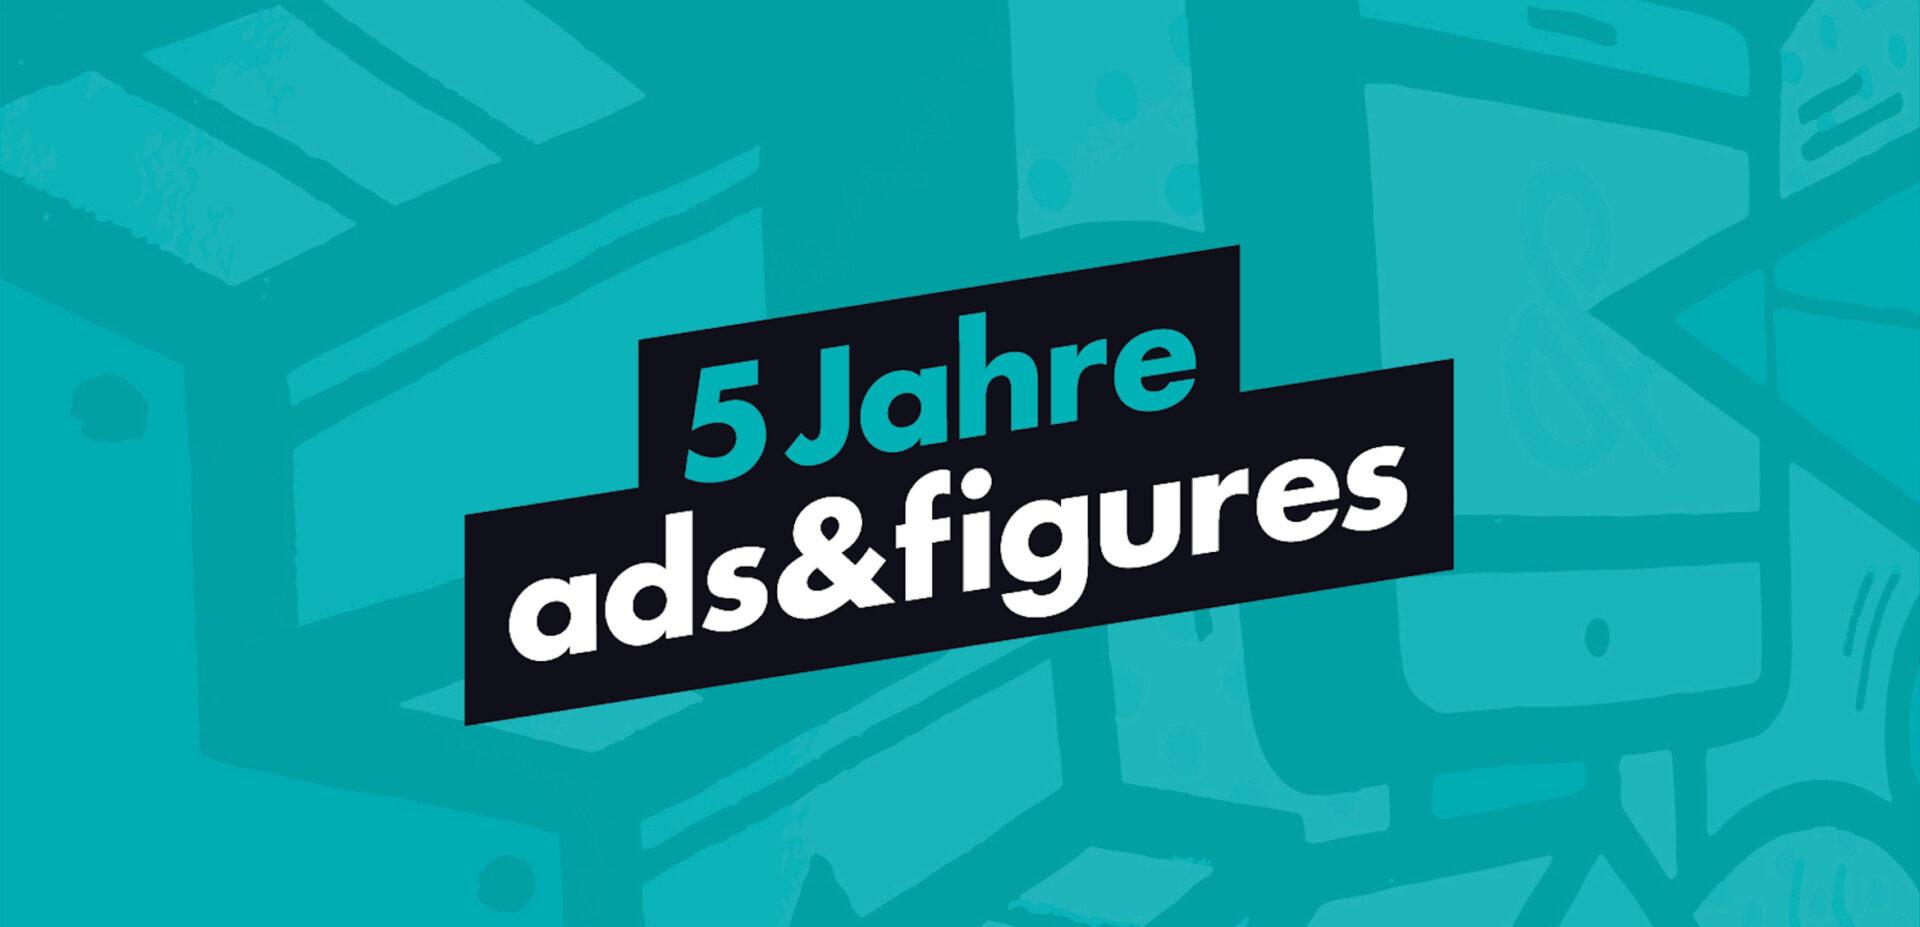 5 Jahre ads&figures